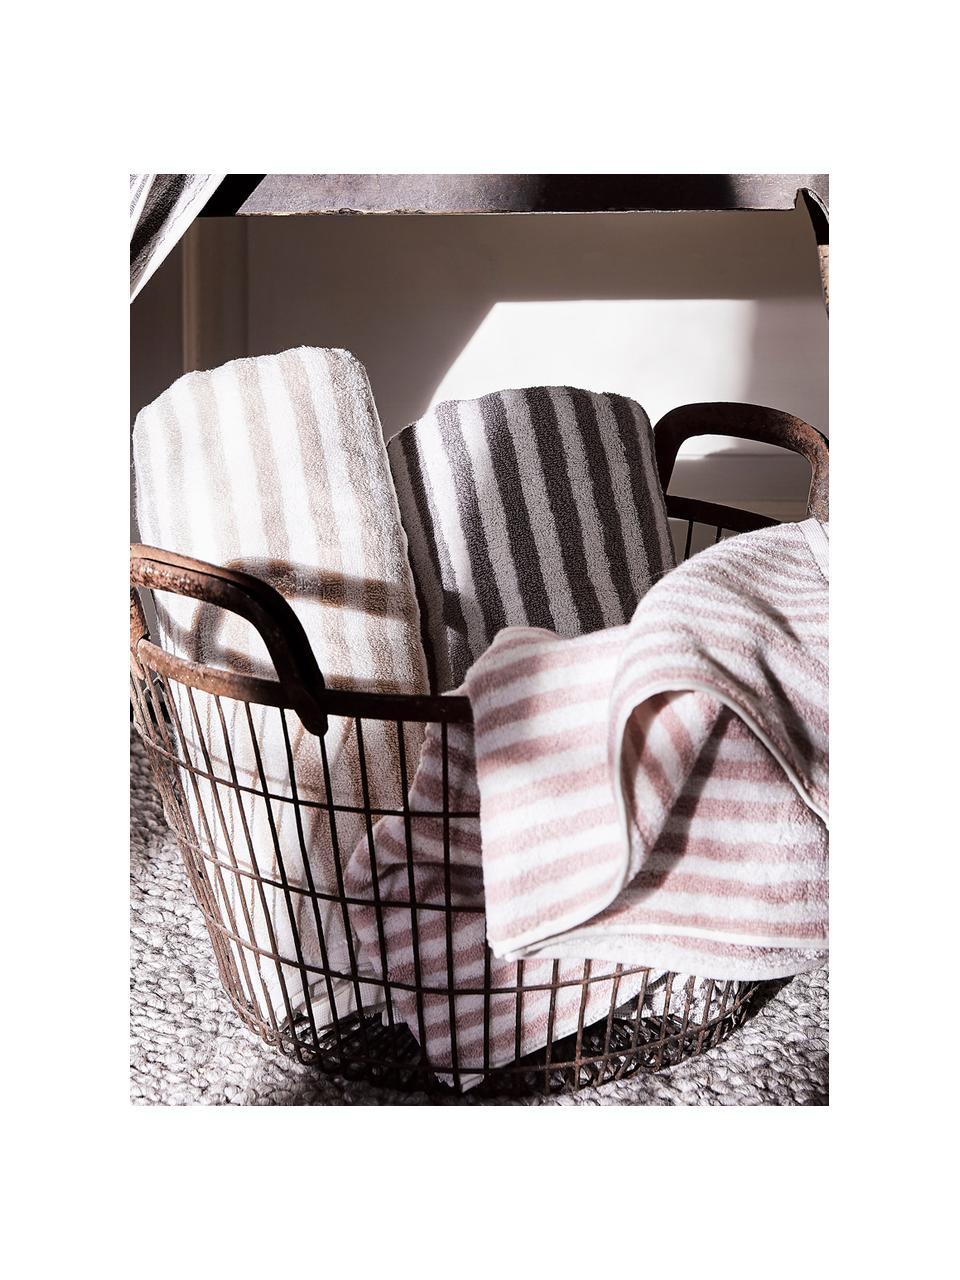 Komplet ręczników Viola, 3 elem., Odcienie piaskowego, kremowobiały, Komplet z różnymi rozmiarami